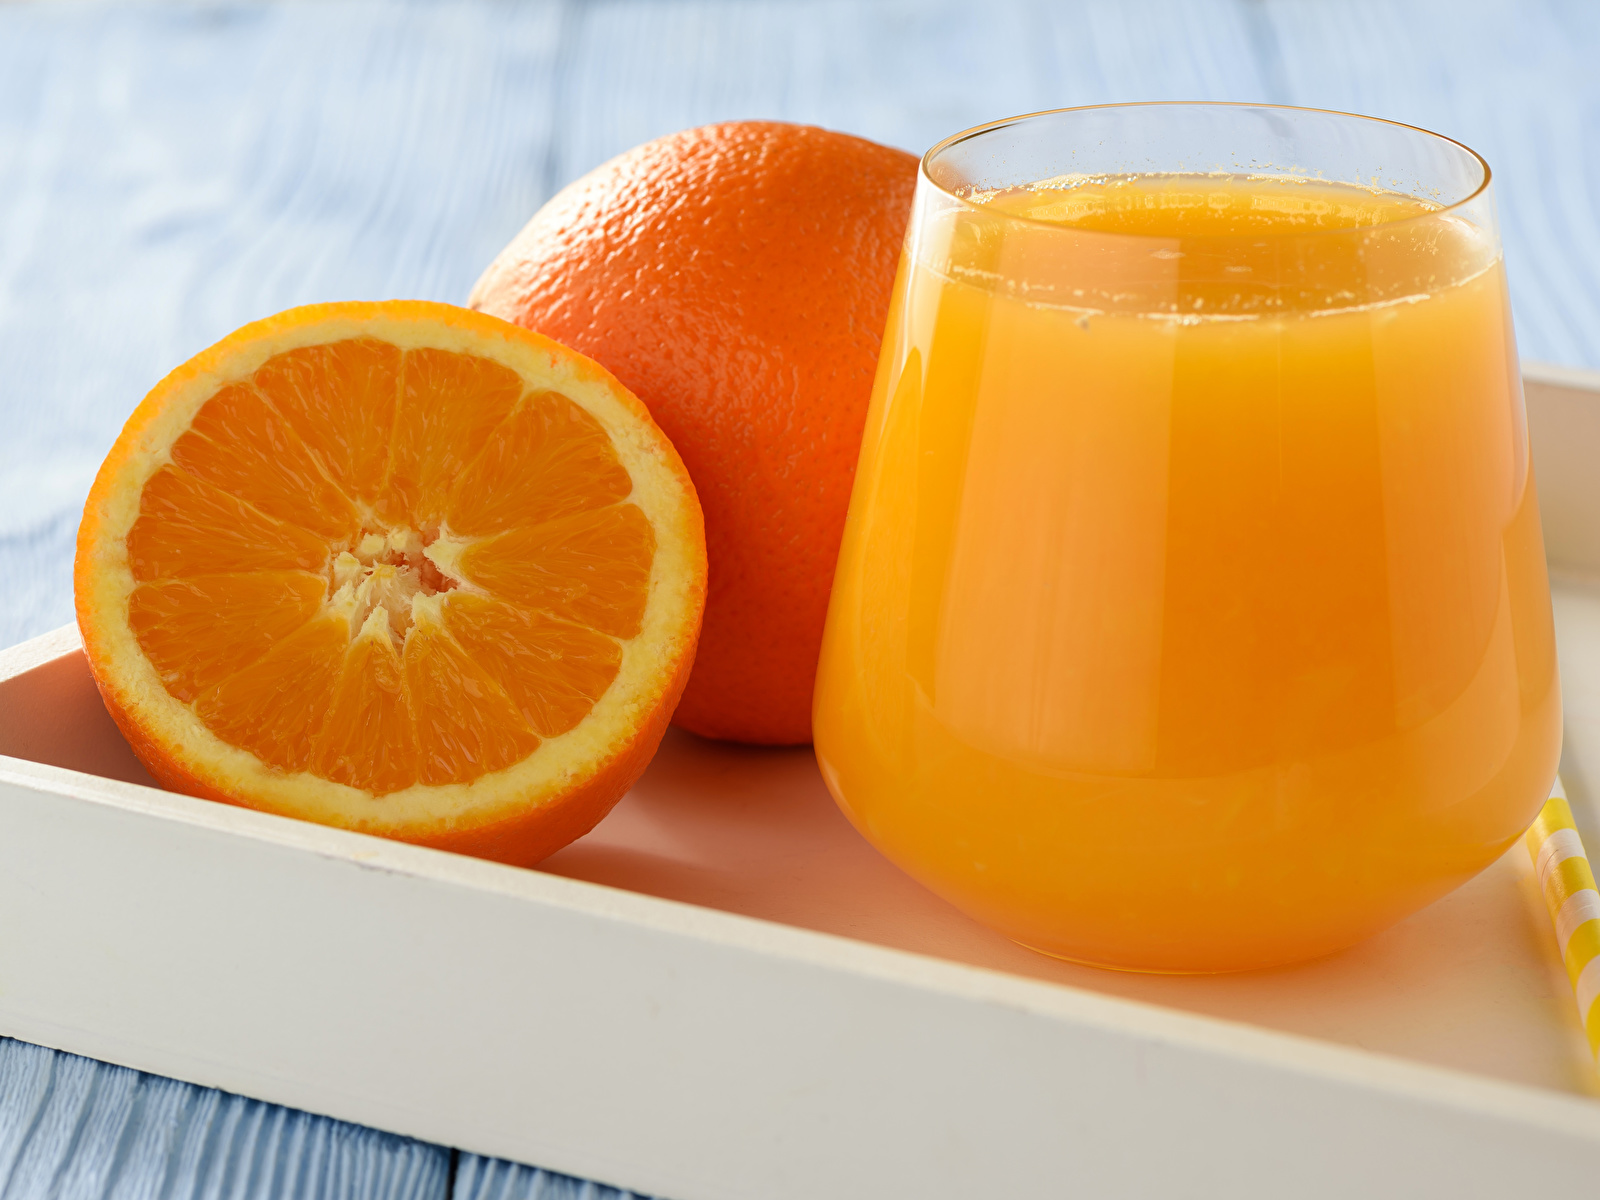 Фото Сок Апельсин стакане Пища 1600x1200 Стакан стакана Еда Продукты питания